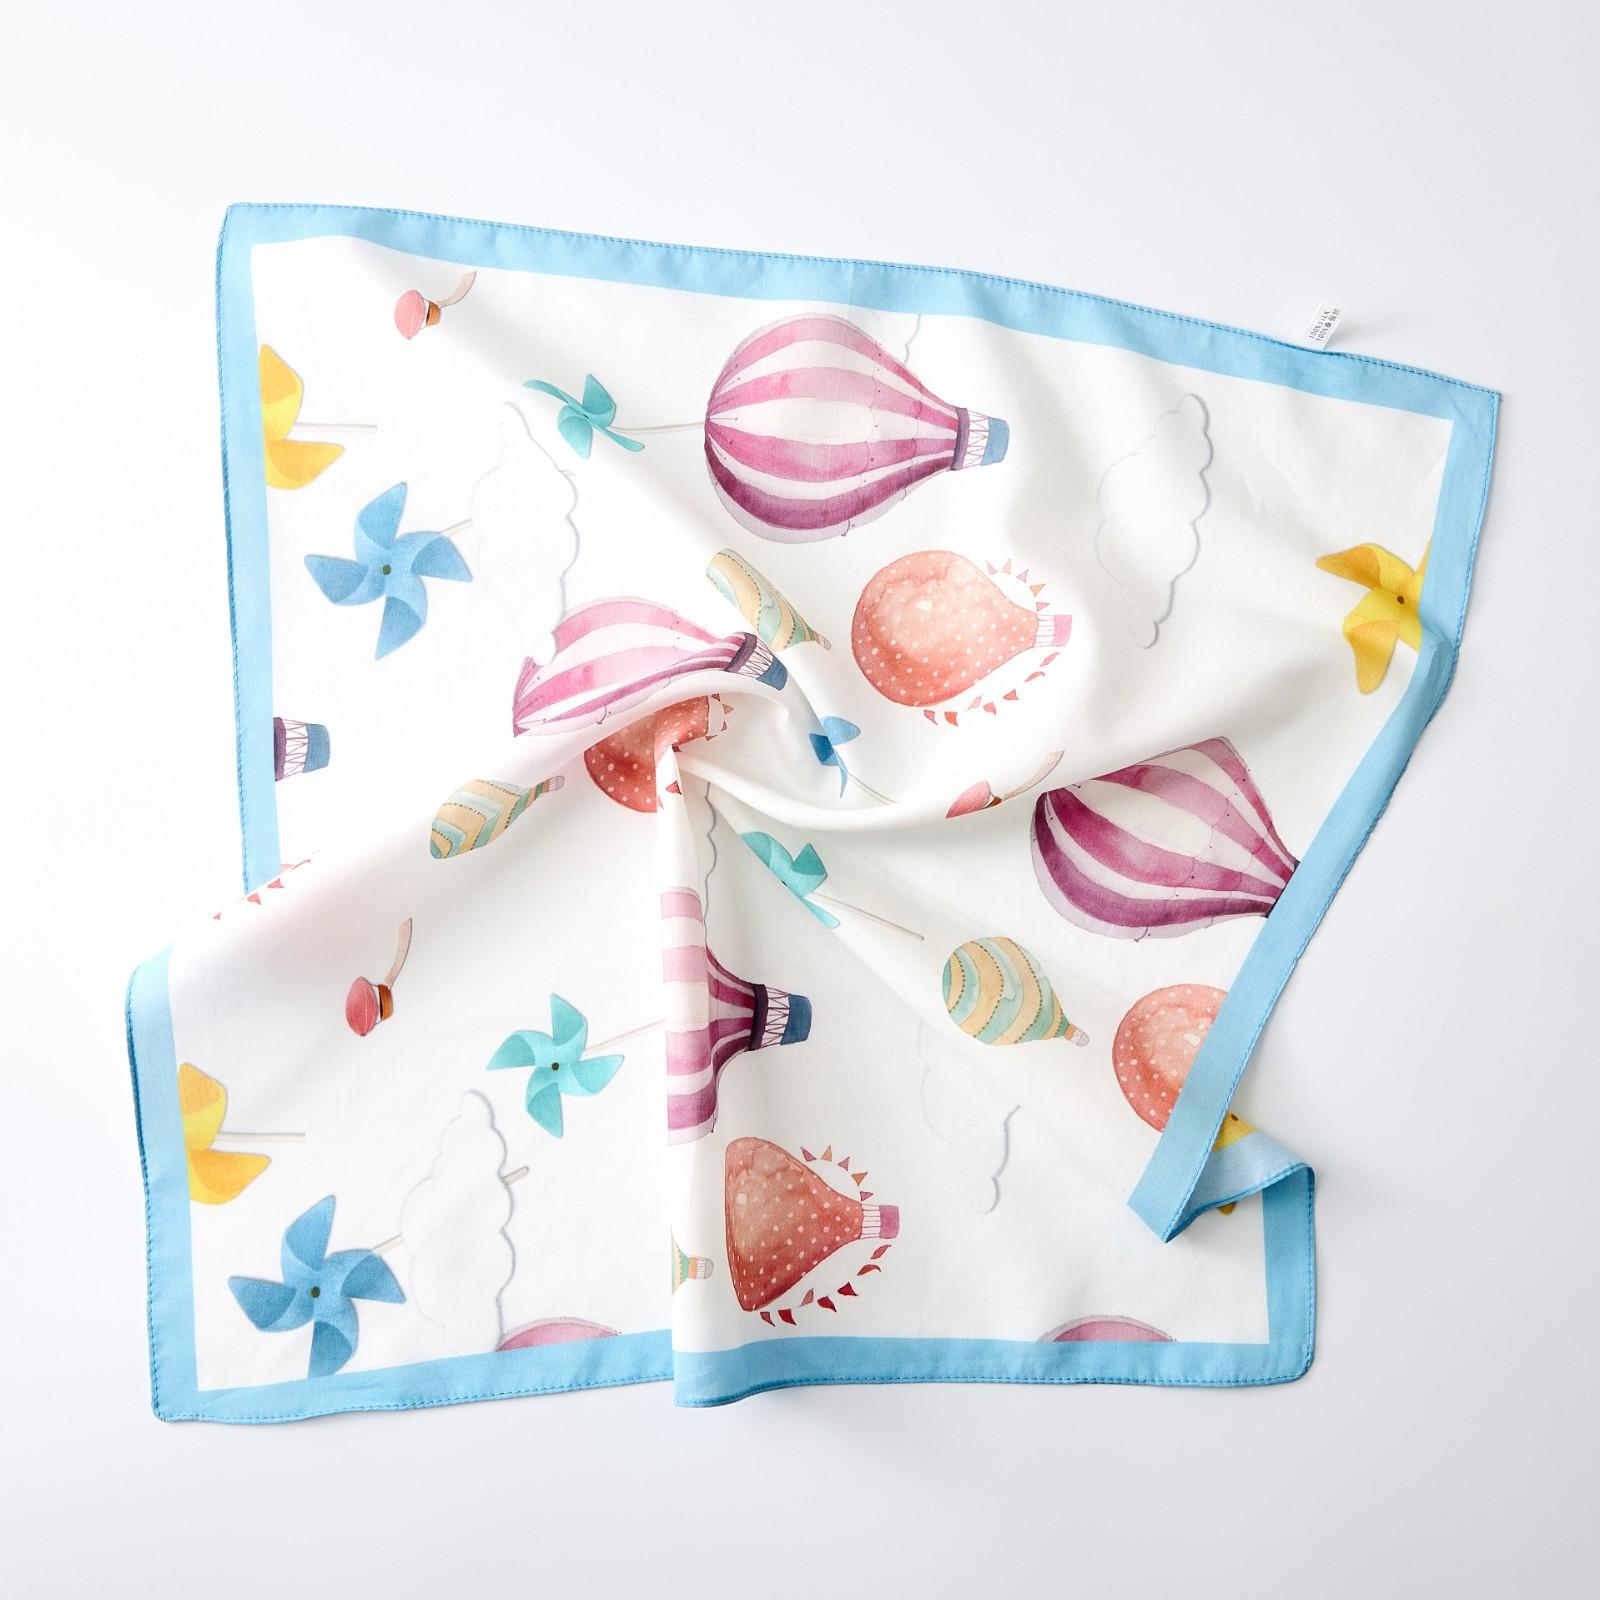 Silk cotton baby scarf for children